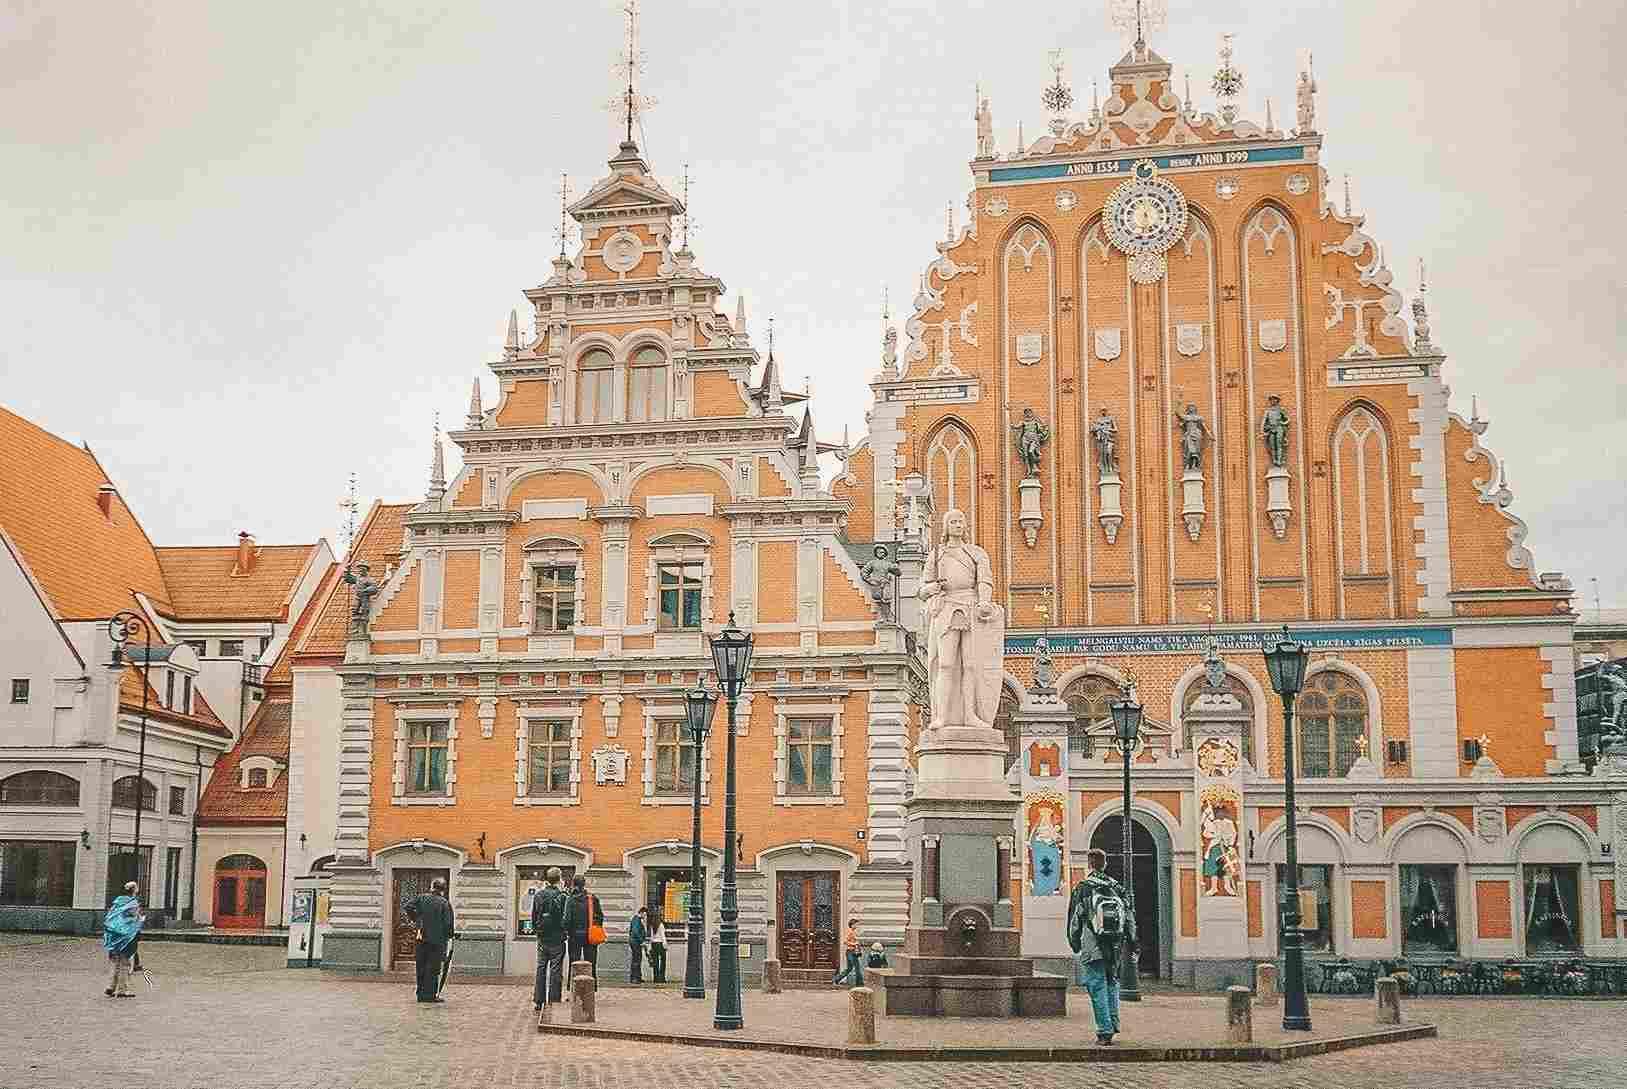 Arquitetura típica de Tallinn, capital da Estônia, um dos países bálticos do continente europeu